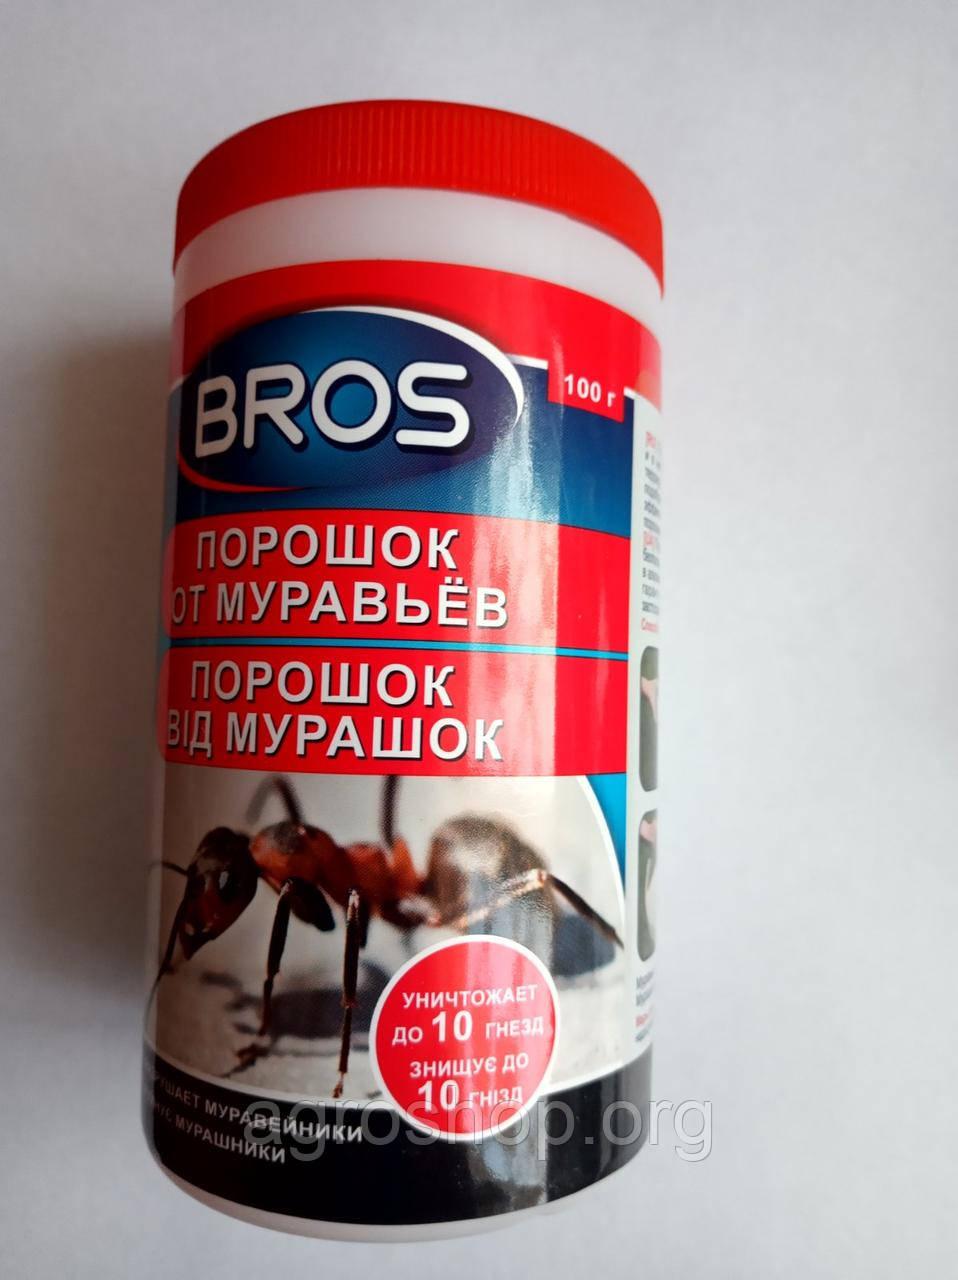 Порошок Брос (от муравьев) 100 г